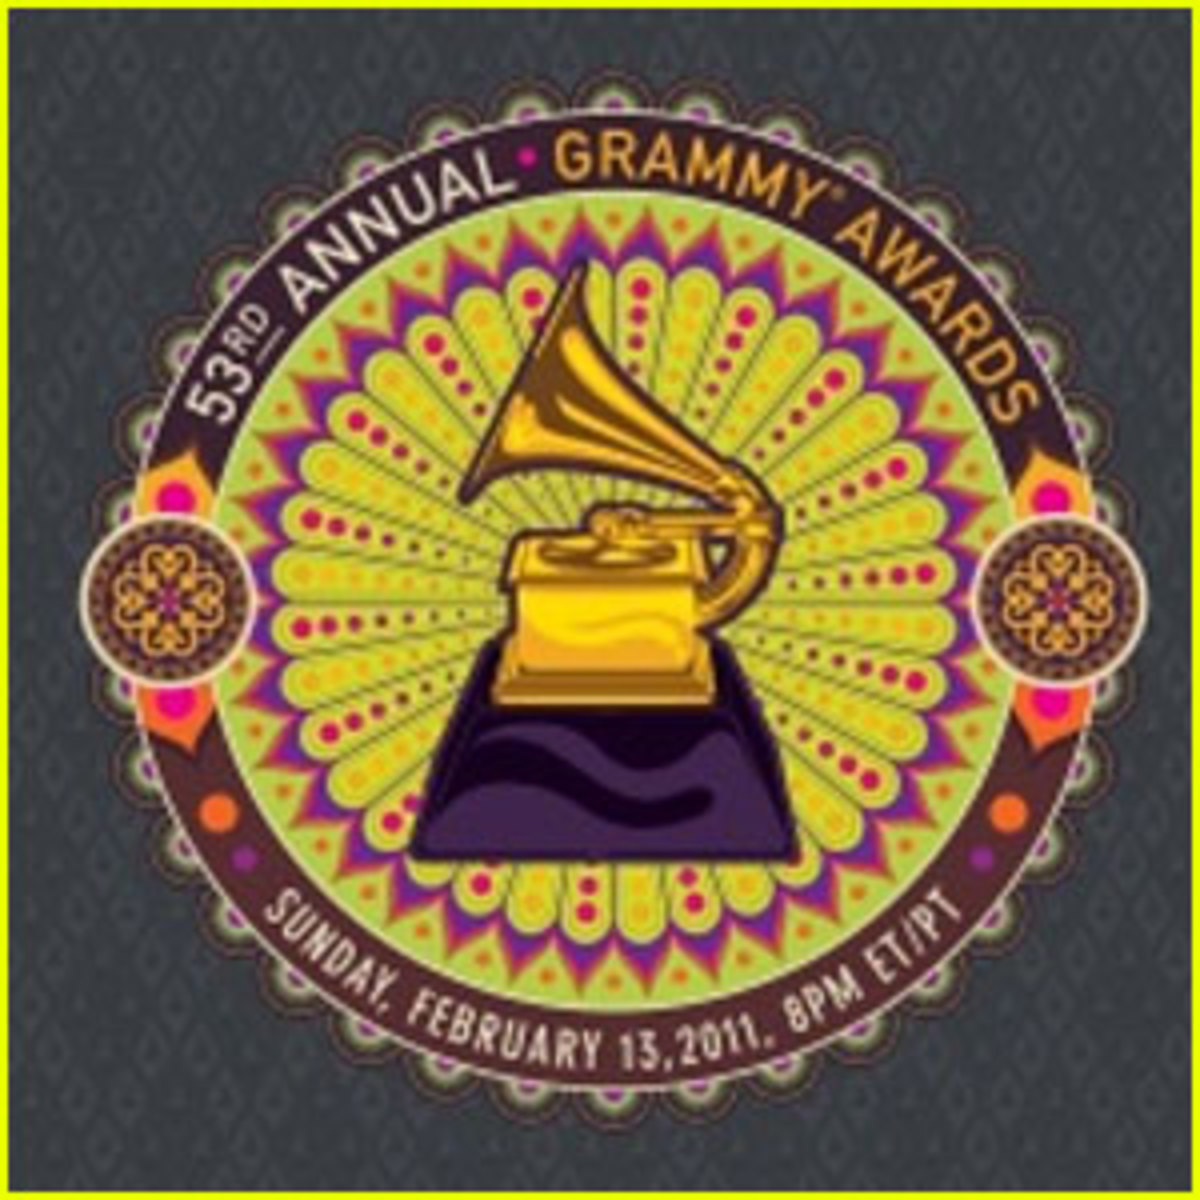 2011-grammy-nominations